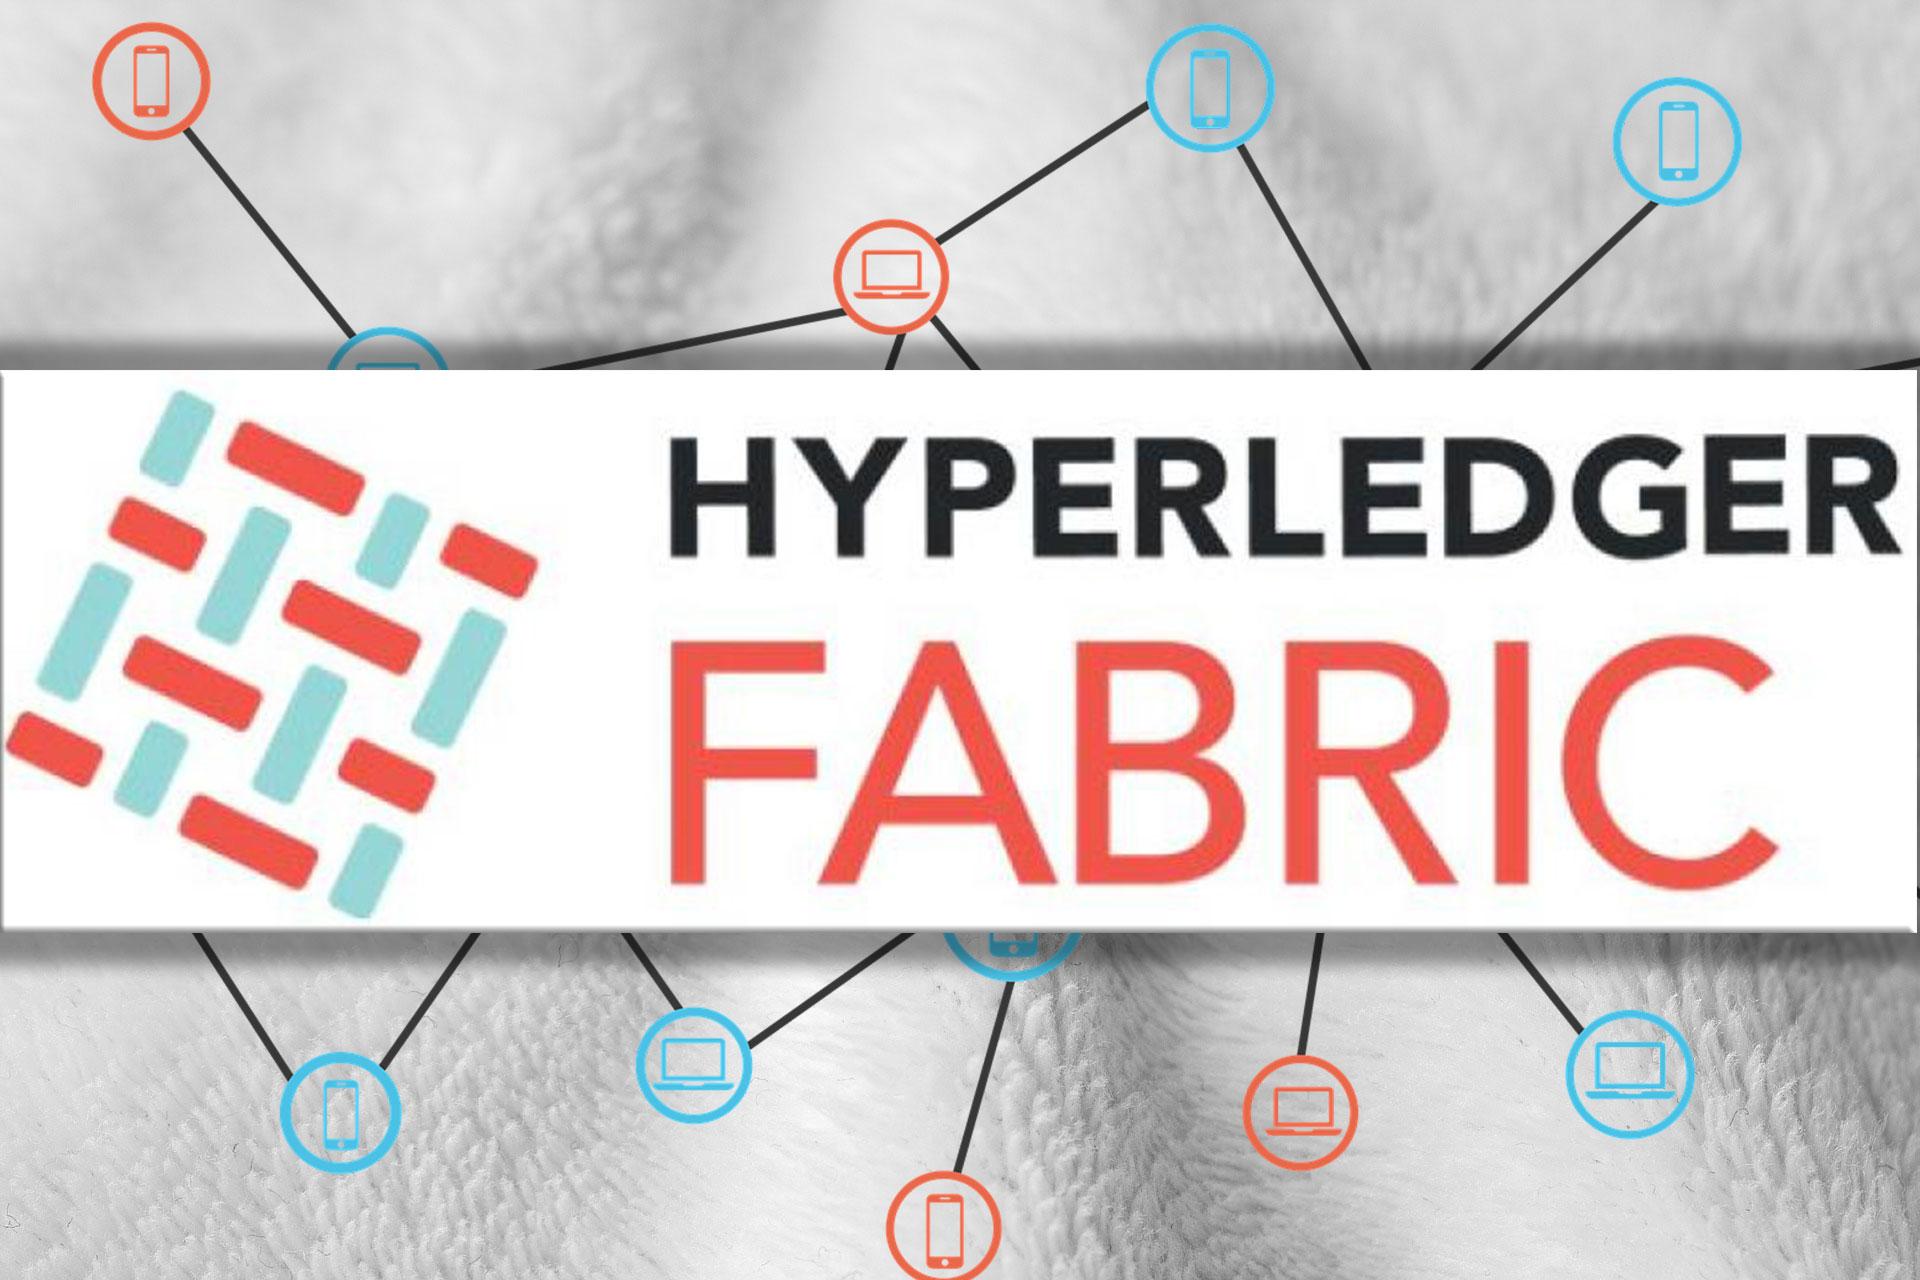 オープンソースの分散型台帳フレームワーク「Hyperledger Fabric v2.0」がリリース